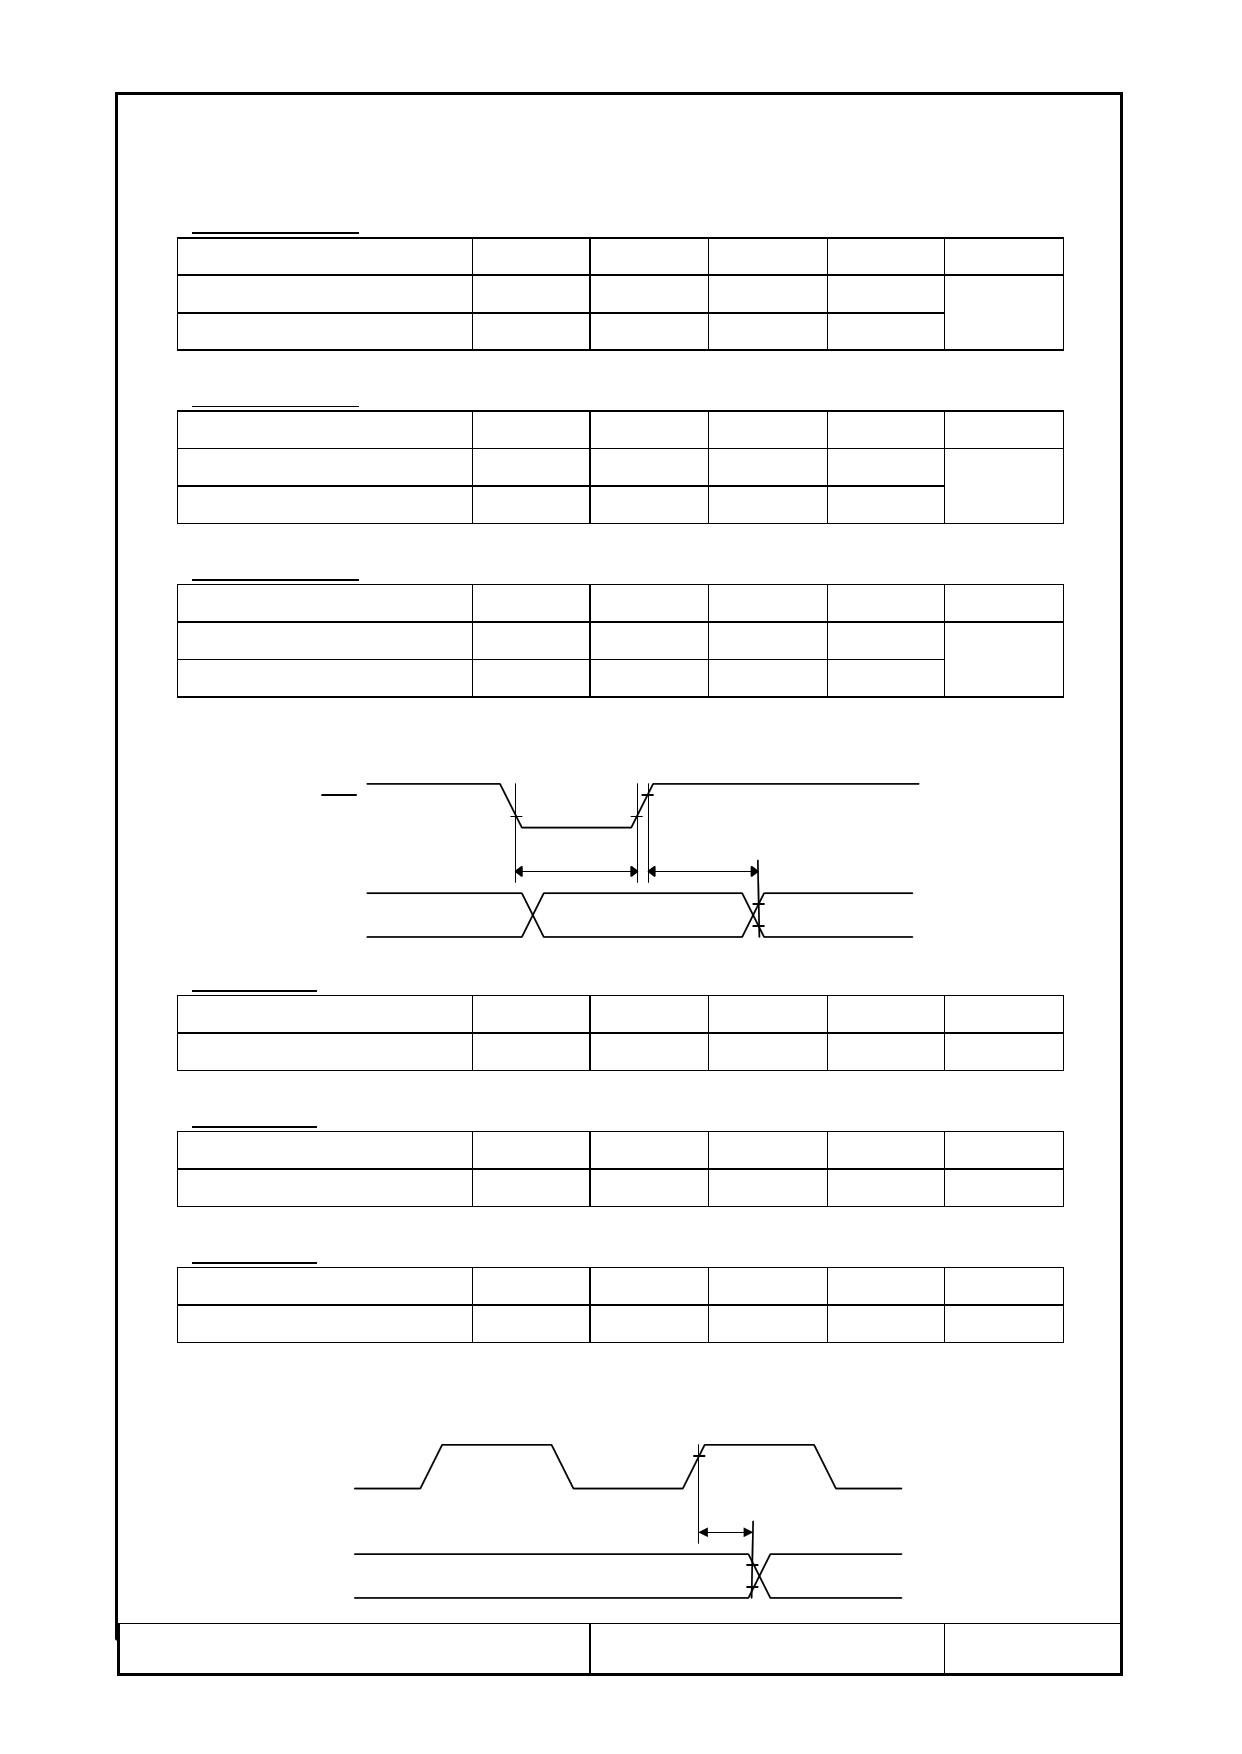 F-51851GNFQJ-LY-ADN arduino